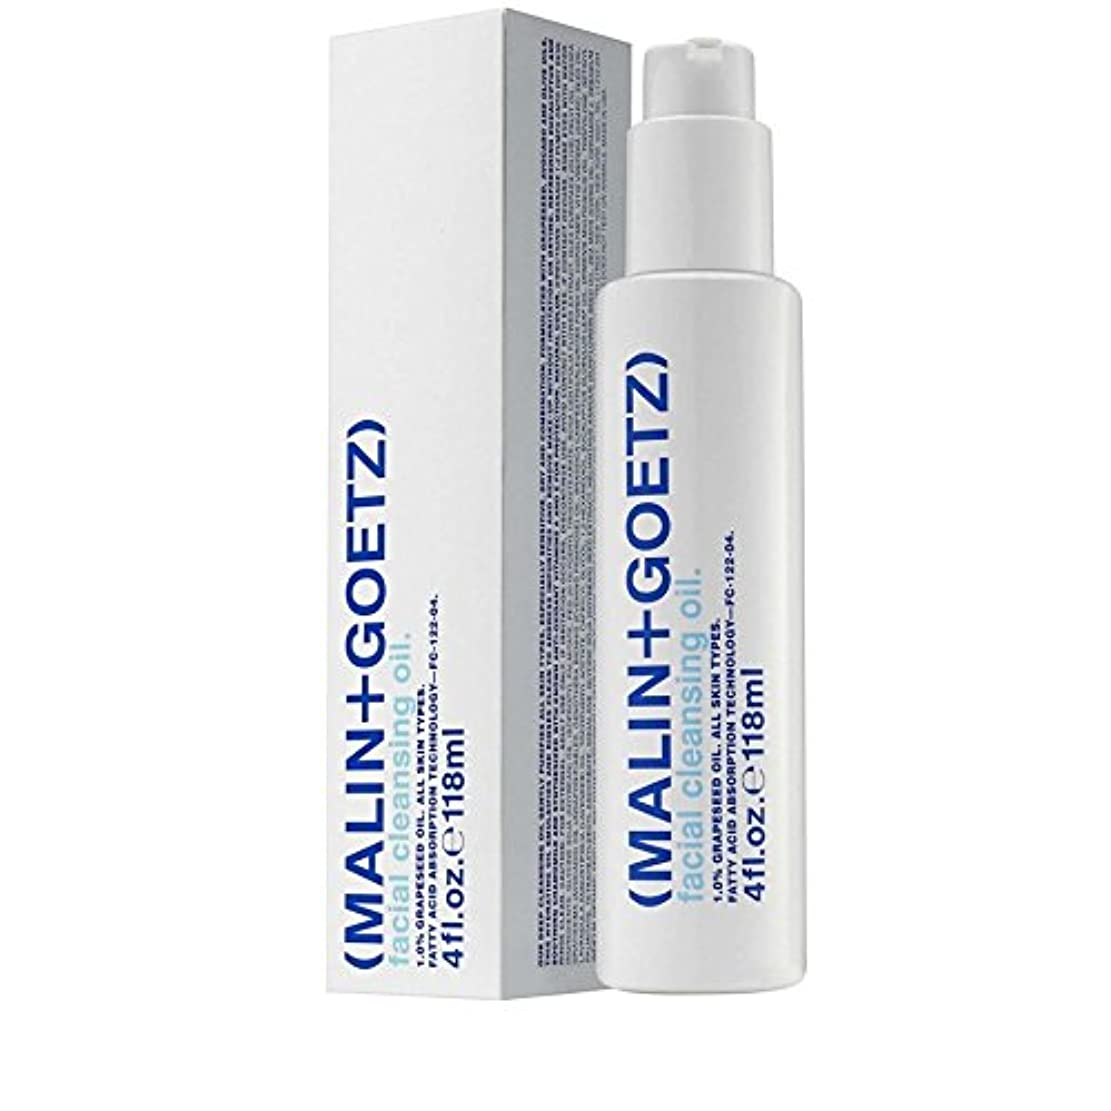 ながら枕最も遠いマリン+ゲッツ洗顔オイル118ミリリットル x2 - MALIN+GOETZ Facial Cleansing Oil 118ml (Pack of 2) [並行輸入品]